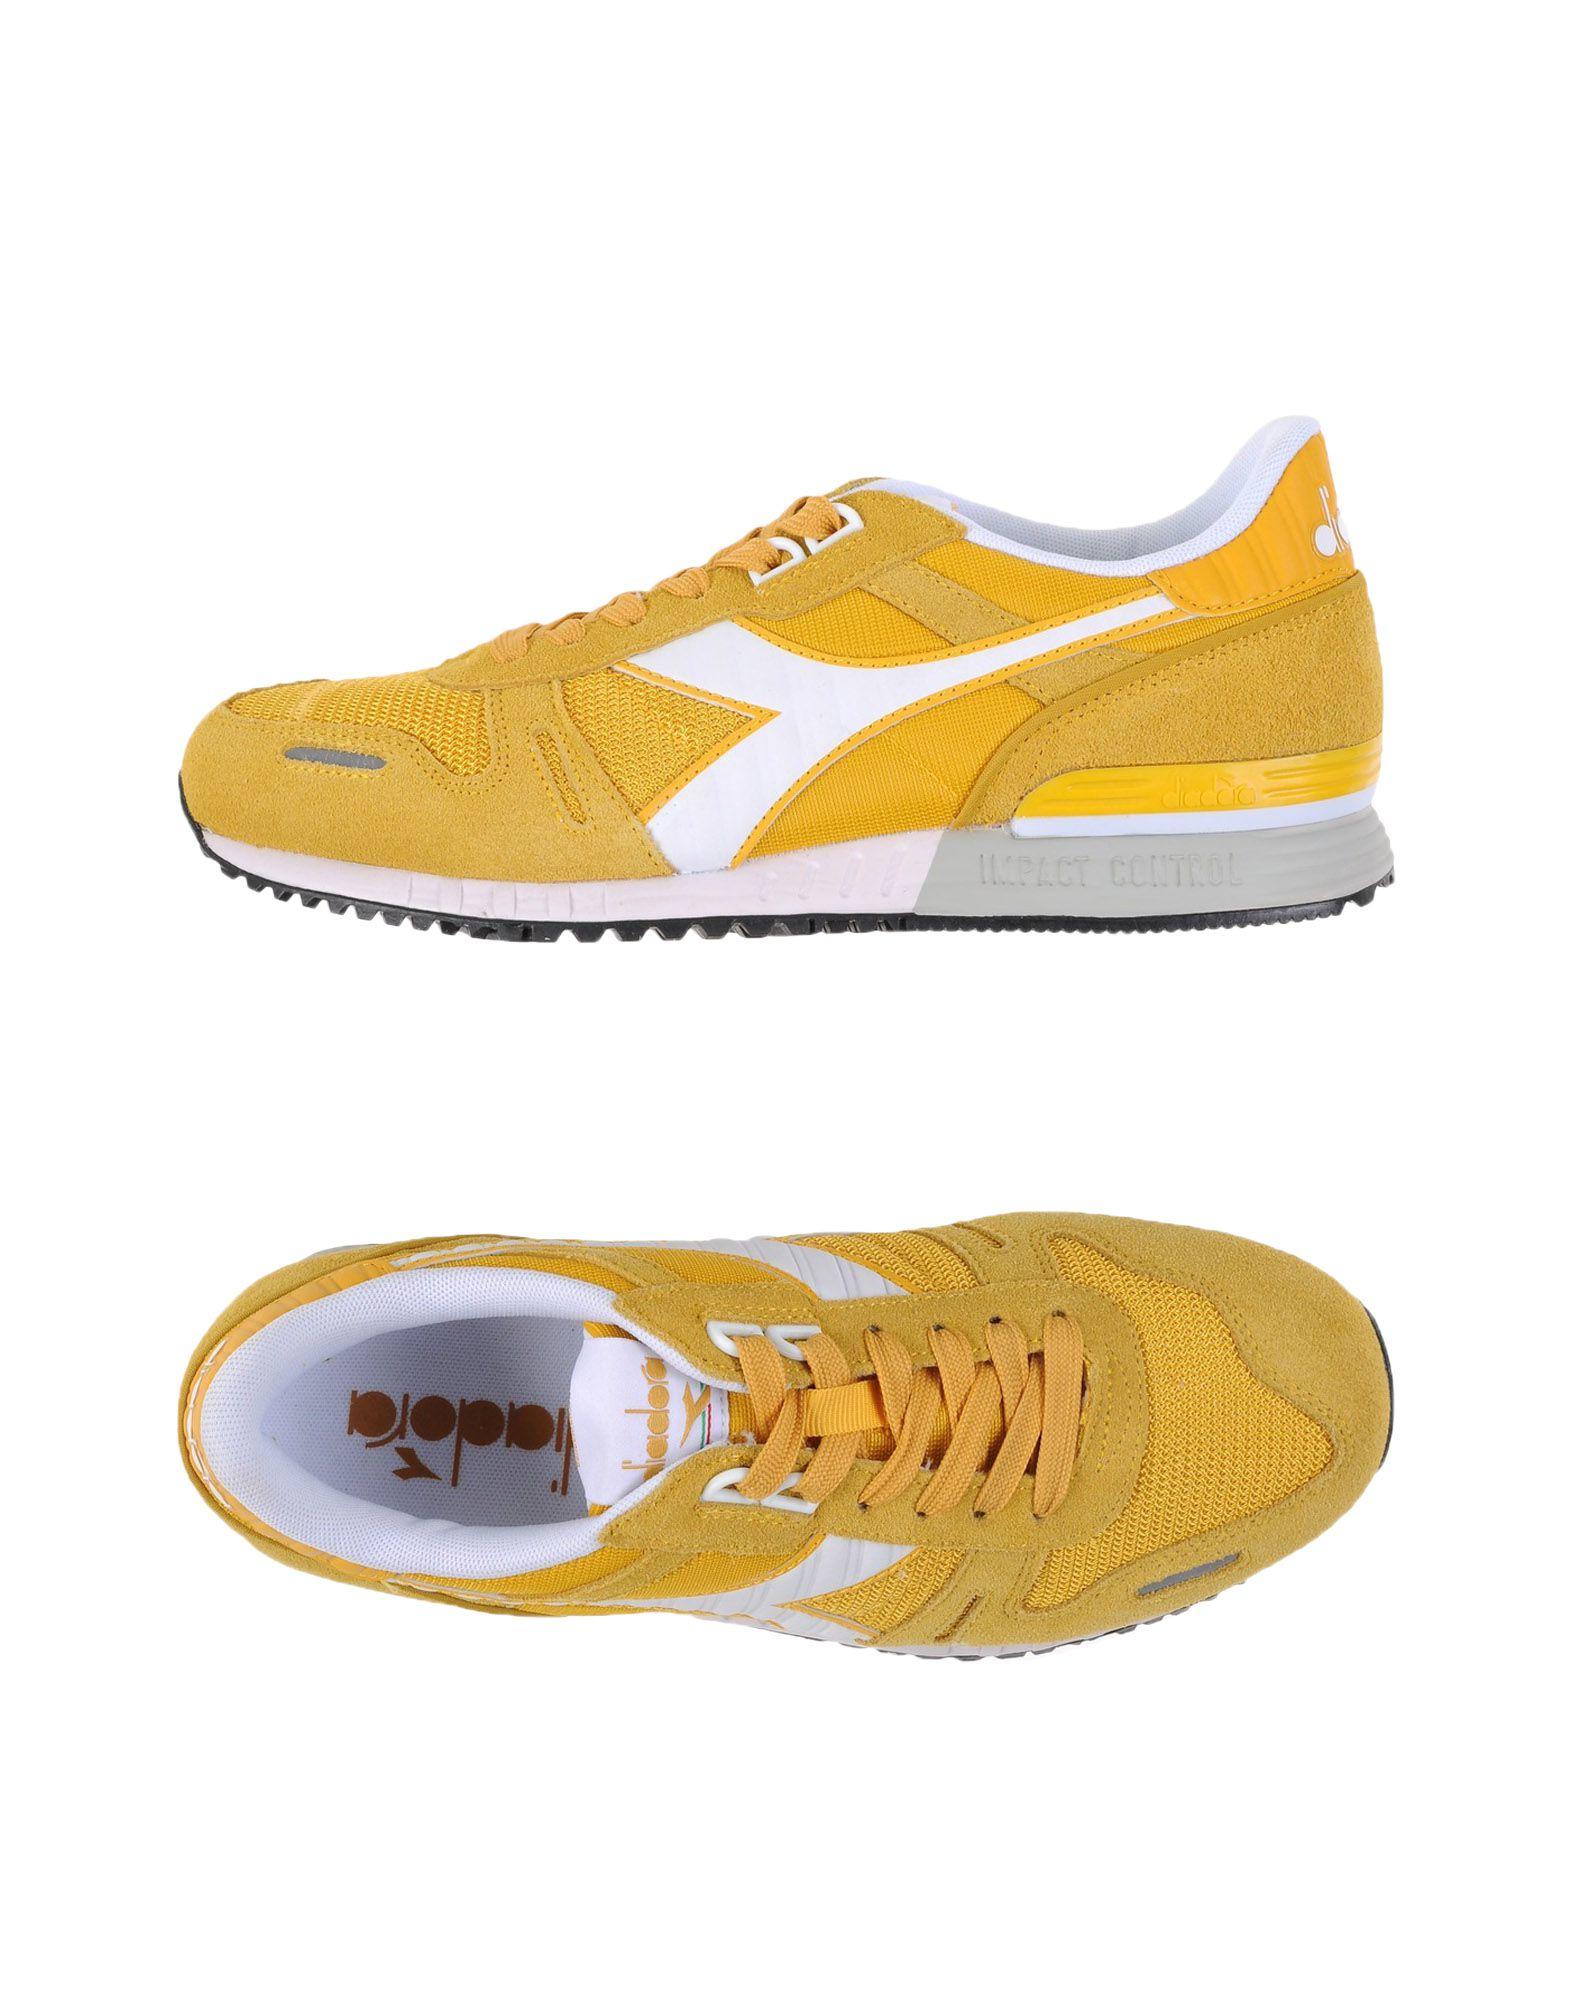 Diadora Shoes High Top